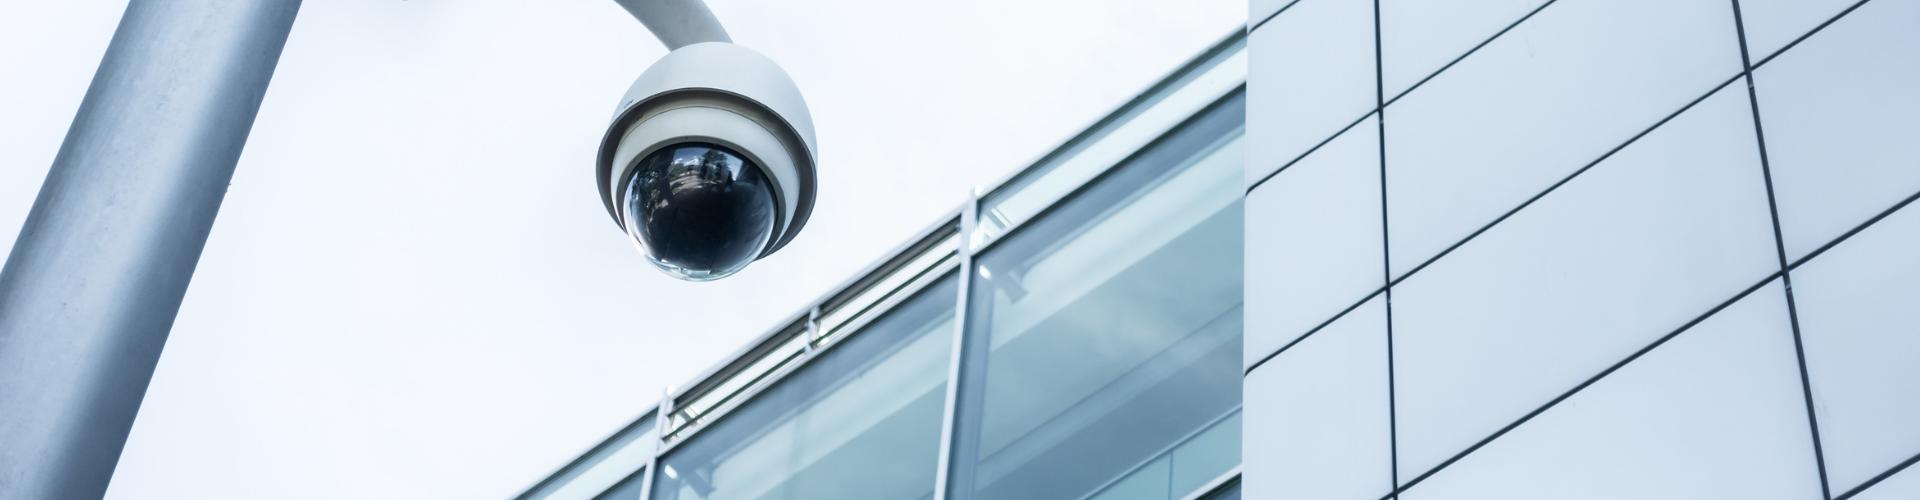 videoueberwachung-dome-kamera-ahnemueller